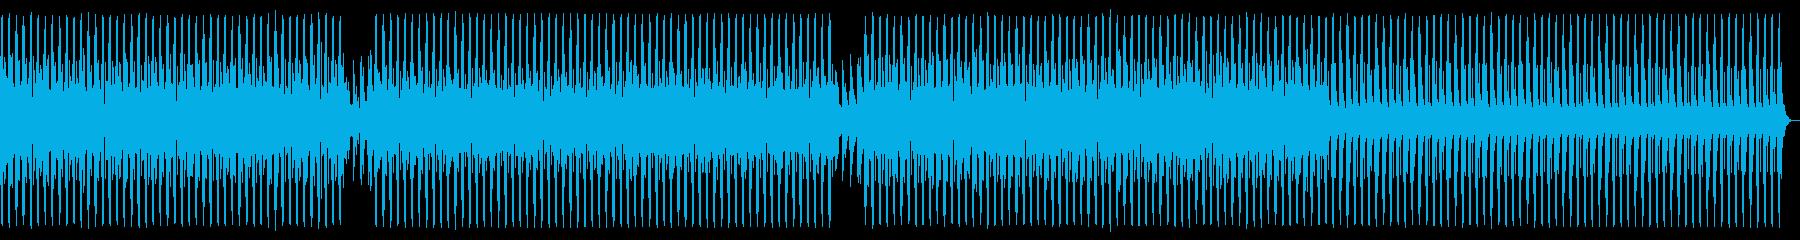 エレクトロハウス。奇妙な、怒っています。の再生済みの波形